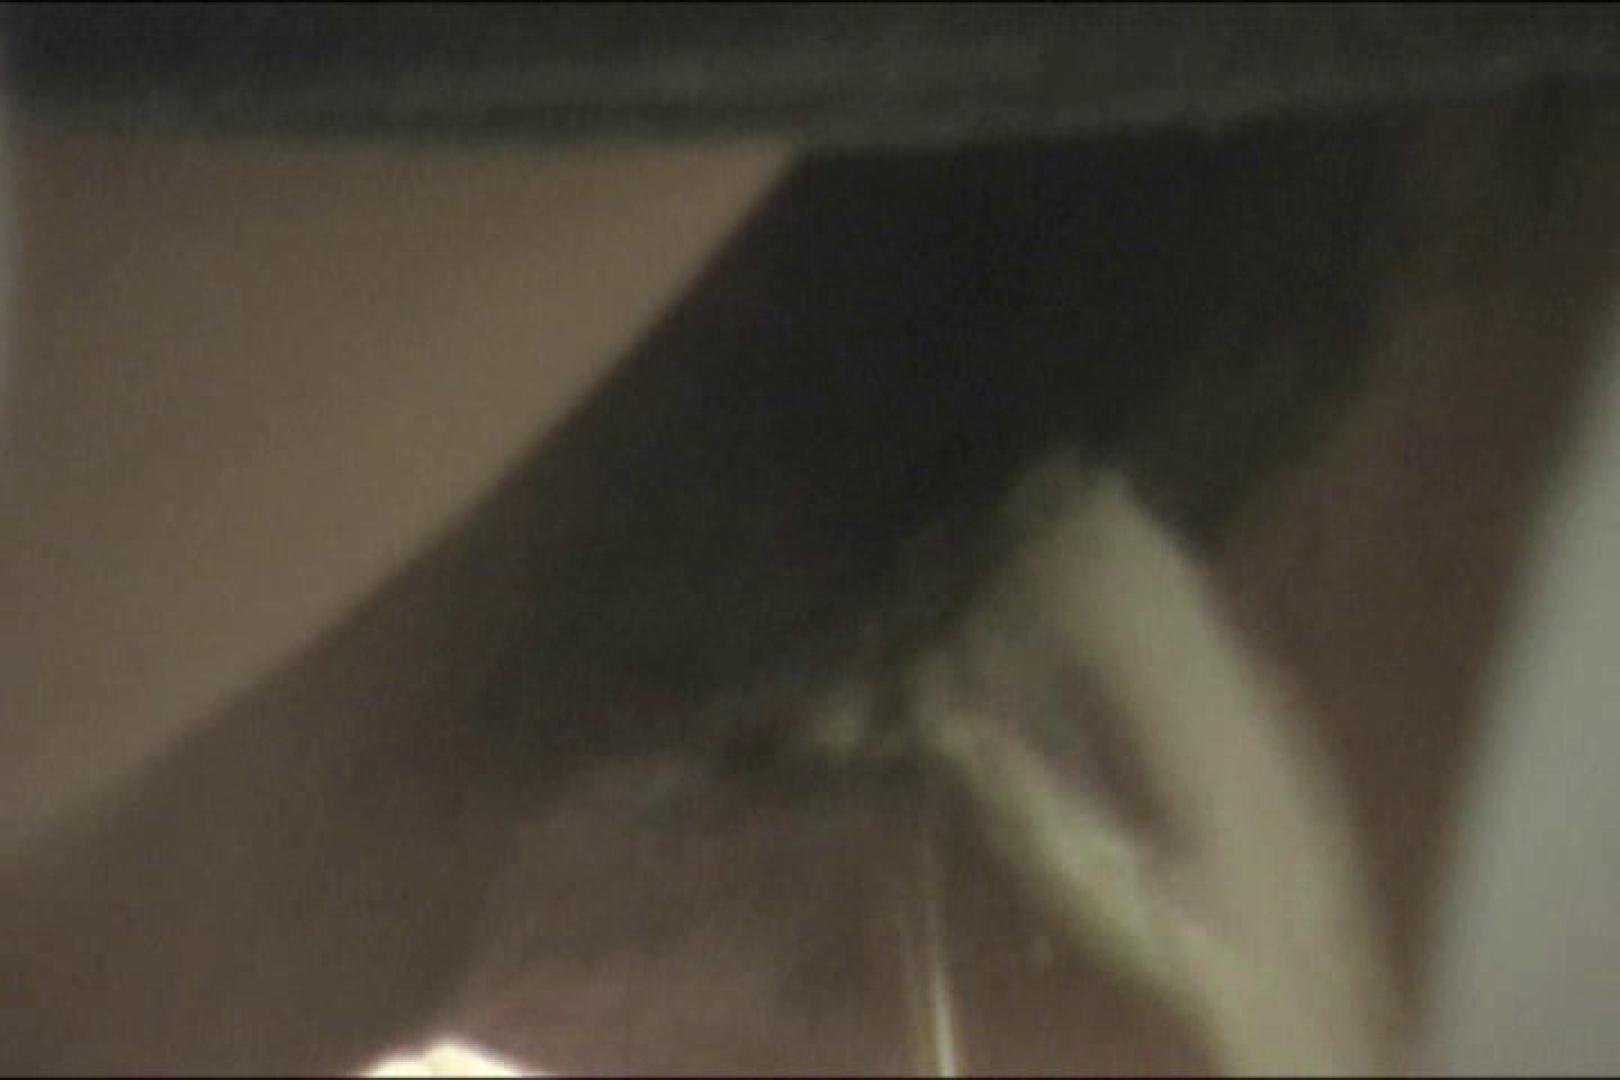 マンコ丸見え女子洗面所Vol.6 洗面所はめどり ワレメ動画紹介 107画像 75